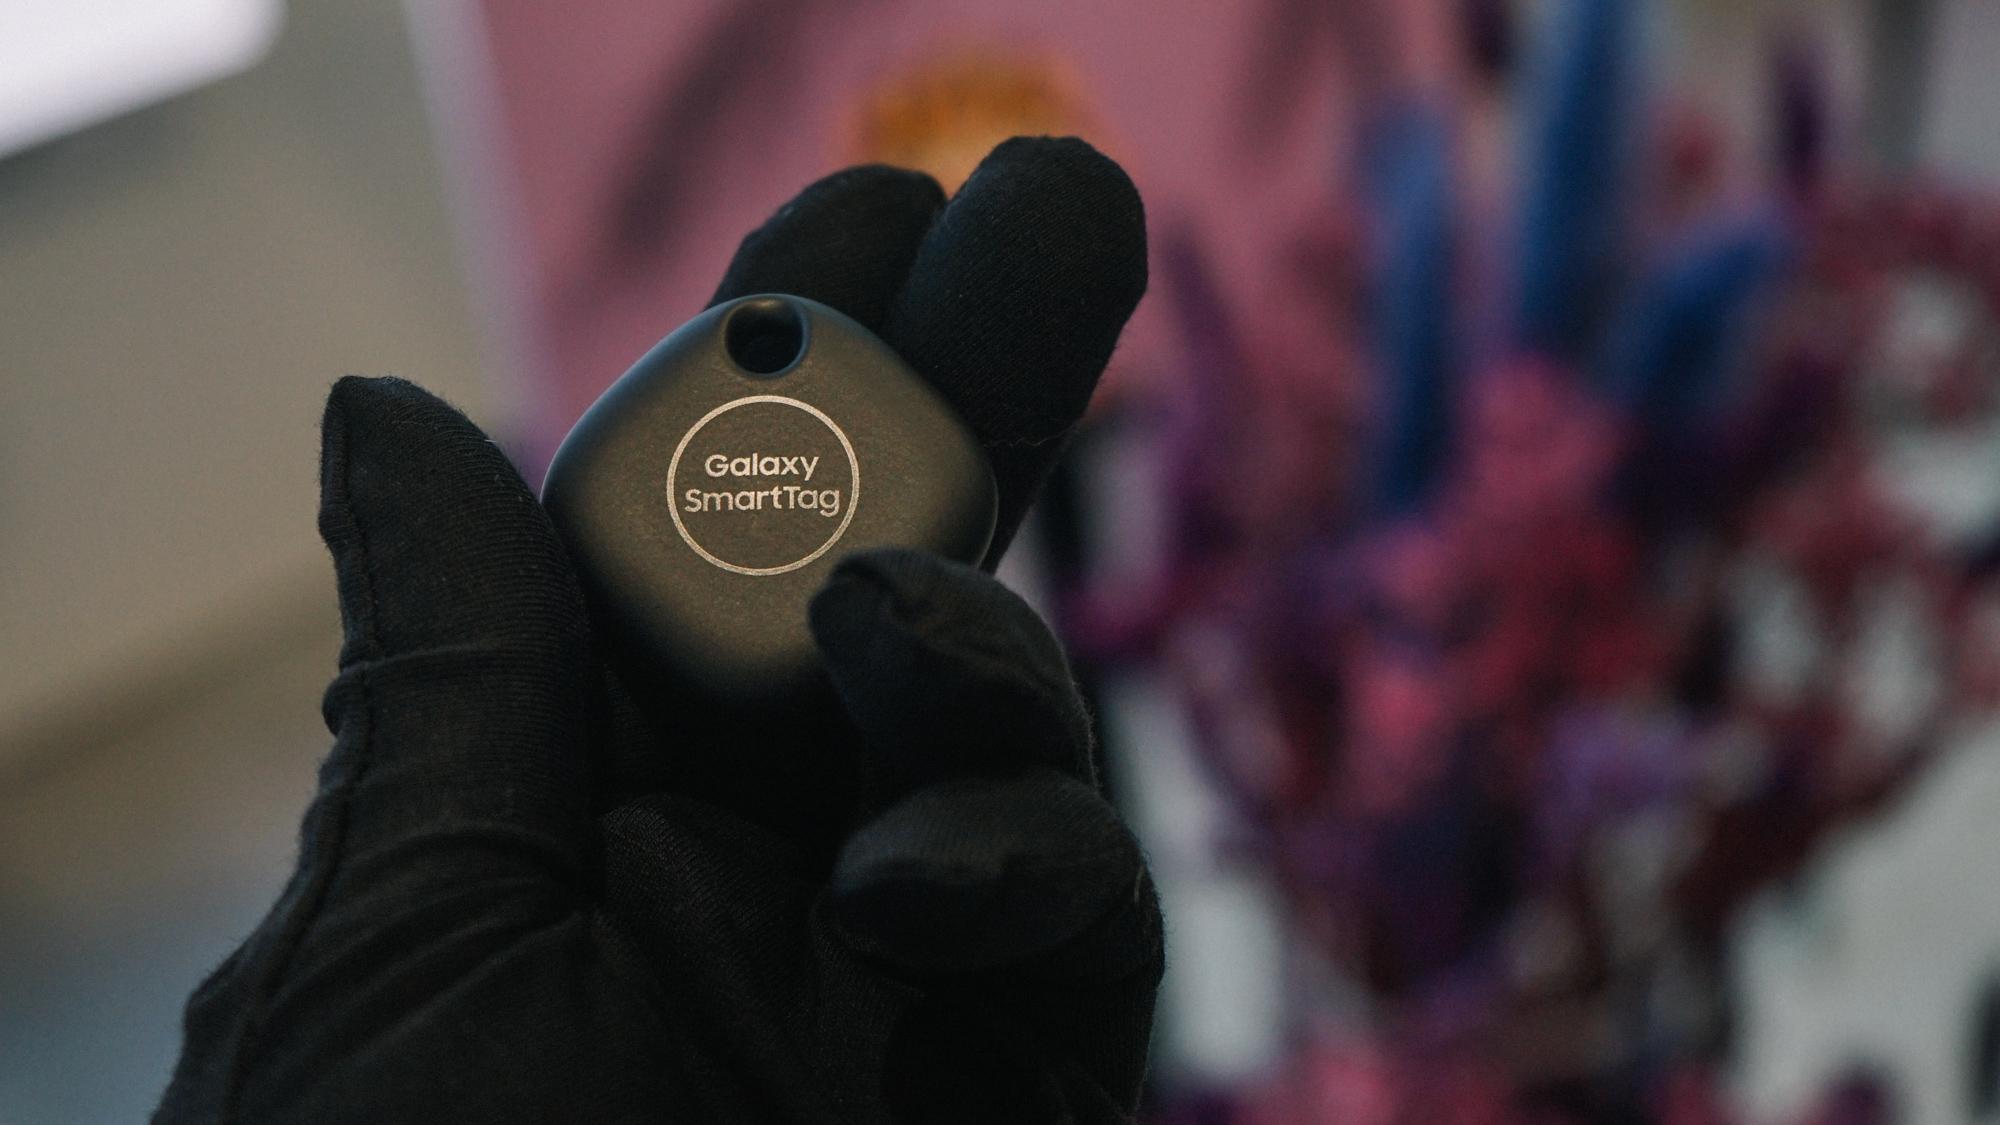 Samsung представила bluetooth-локатор SmartTag. Что это и как им пользоваться?